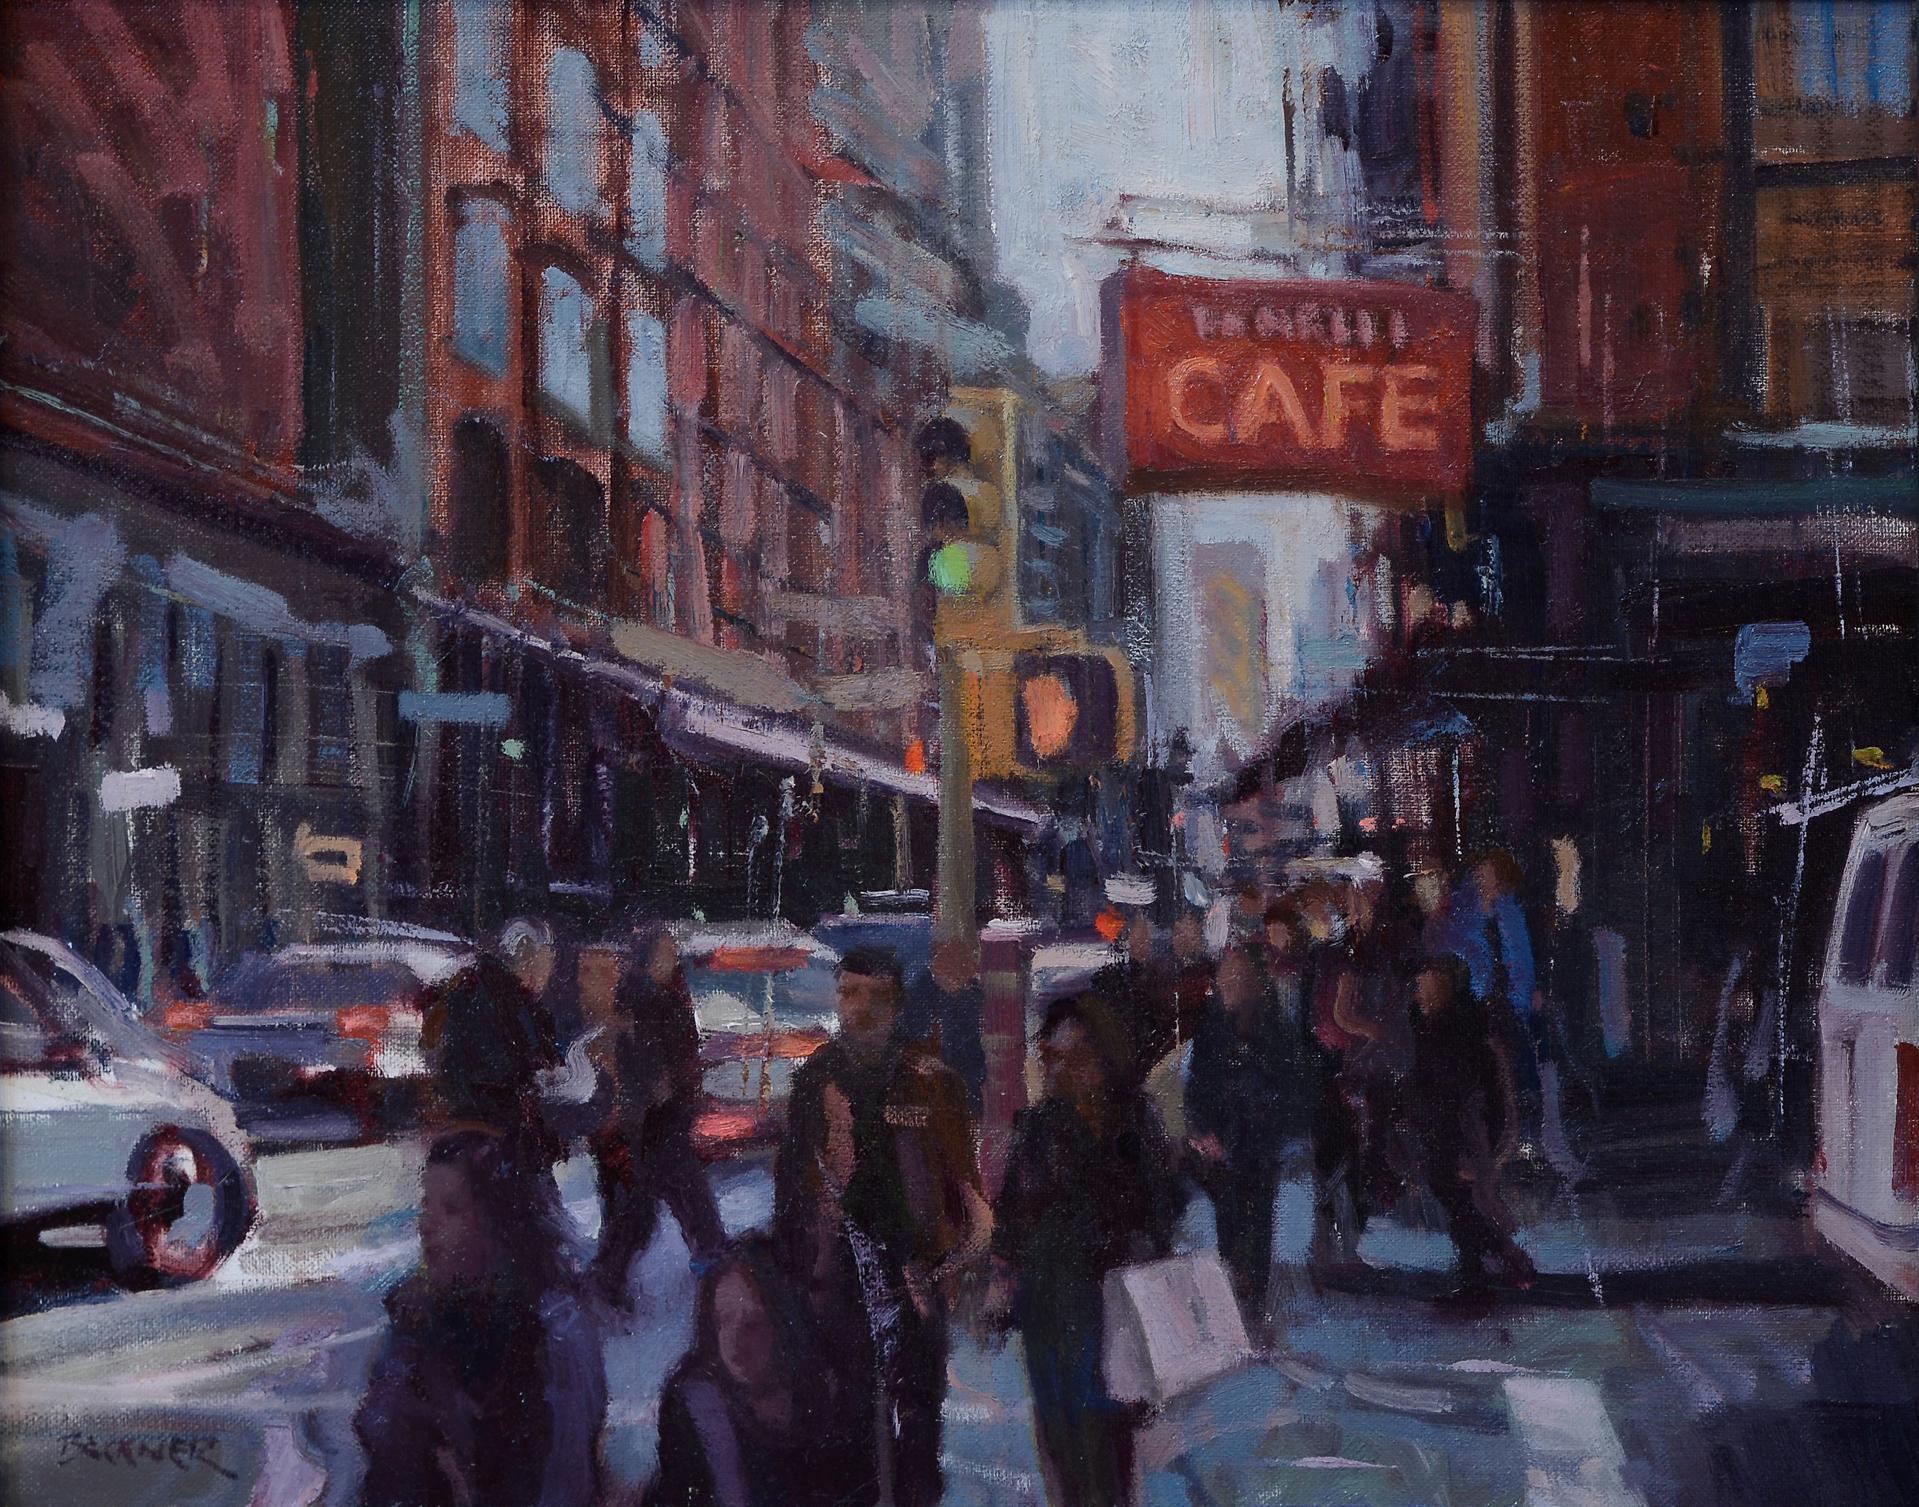 Cafe by Jim Beckner